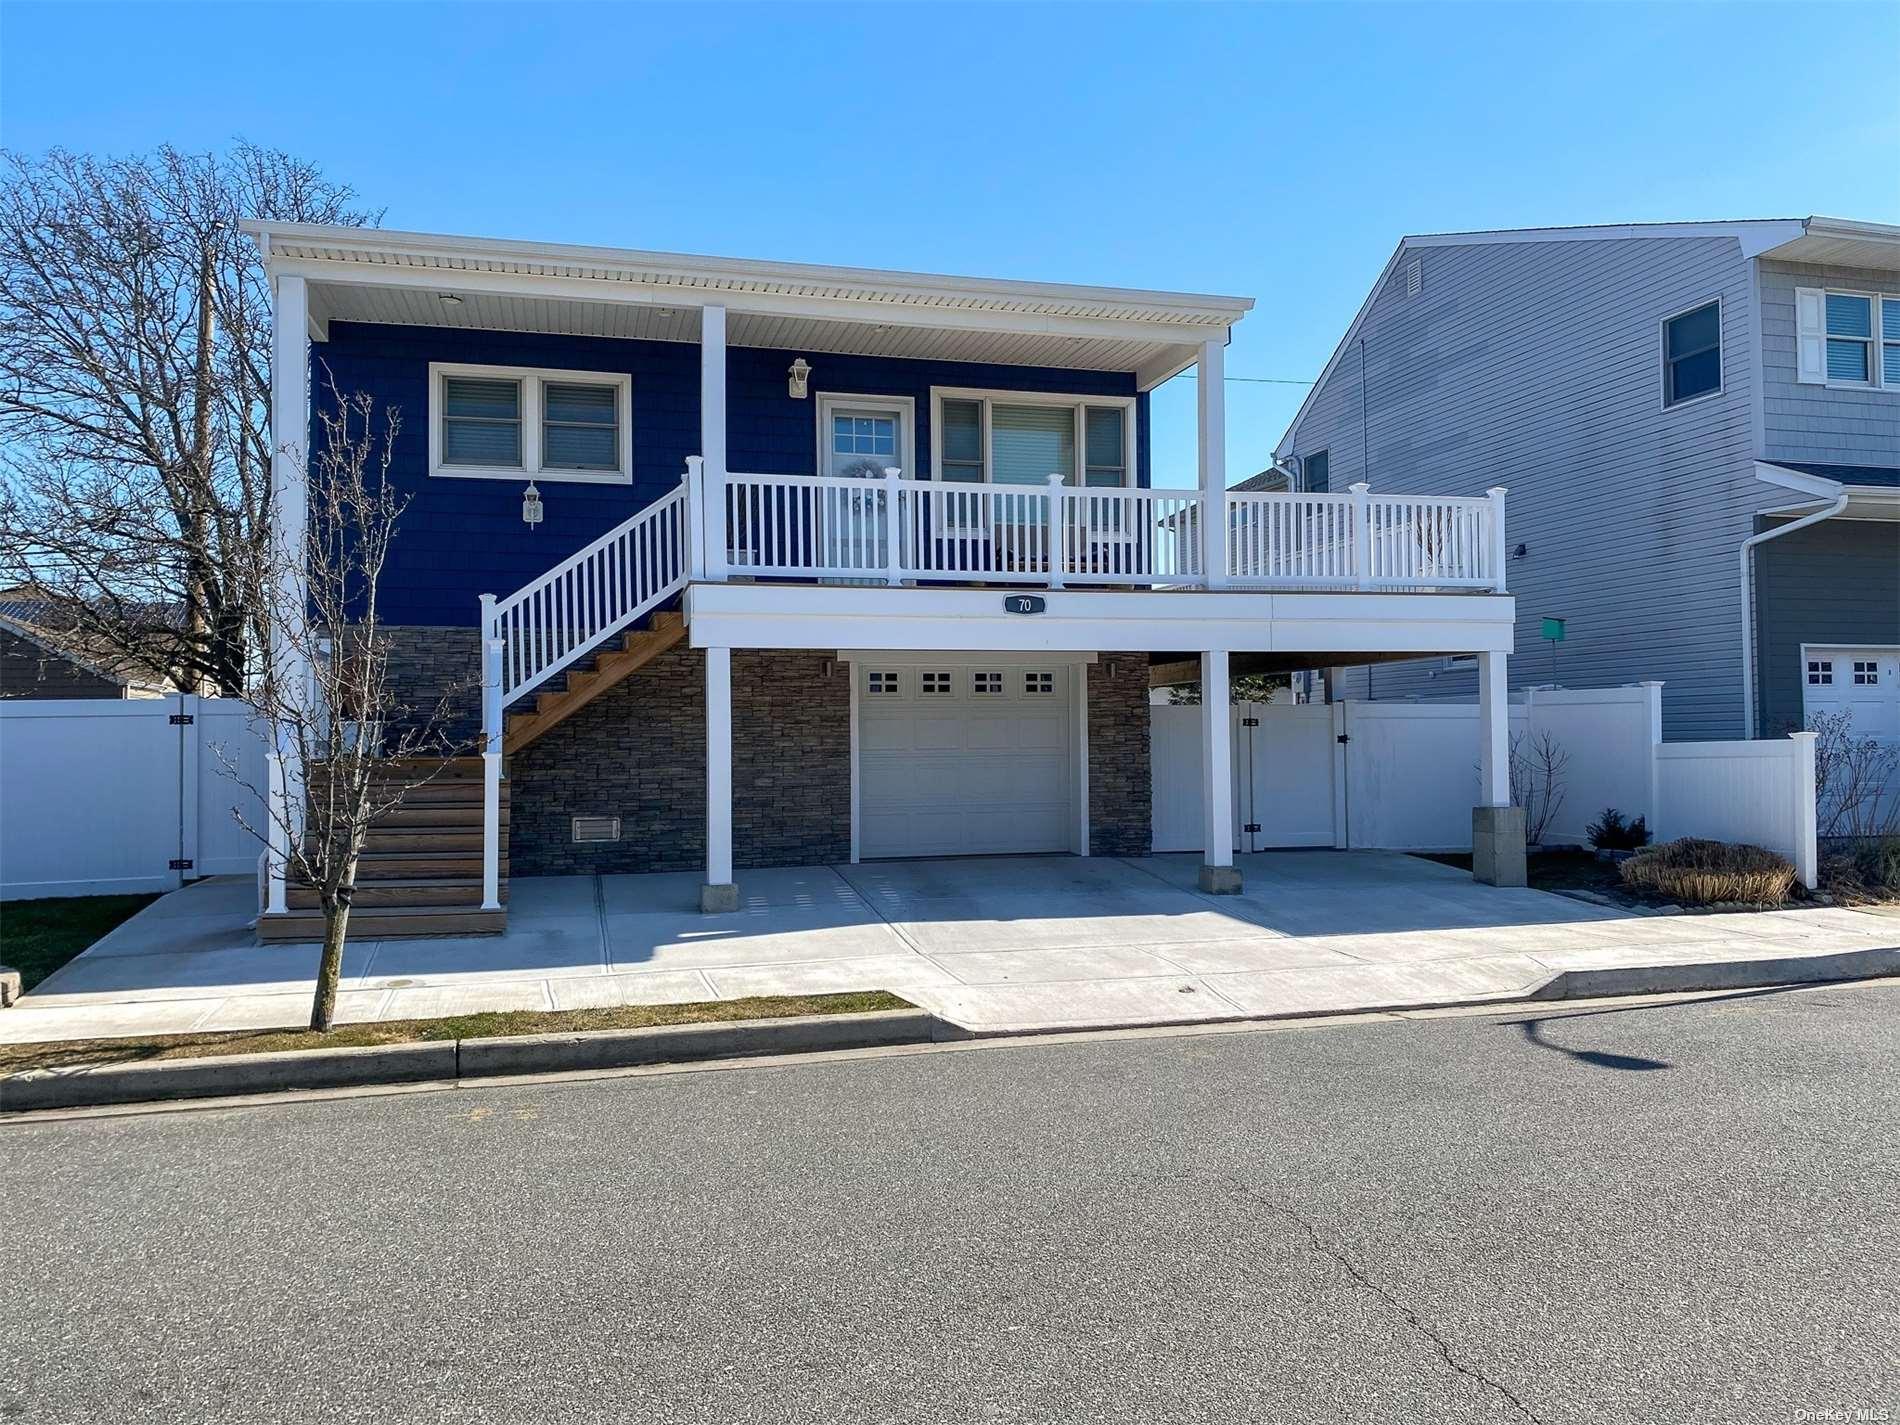 Photo of 70 Harmon Street, Long Beach, NY 11561, Long Beach, NY 11561